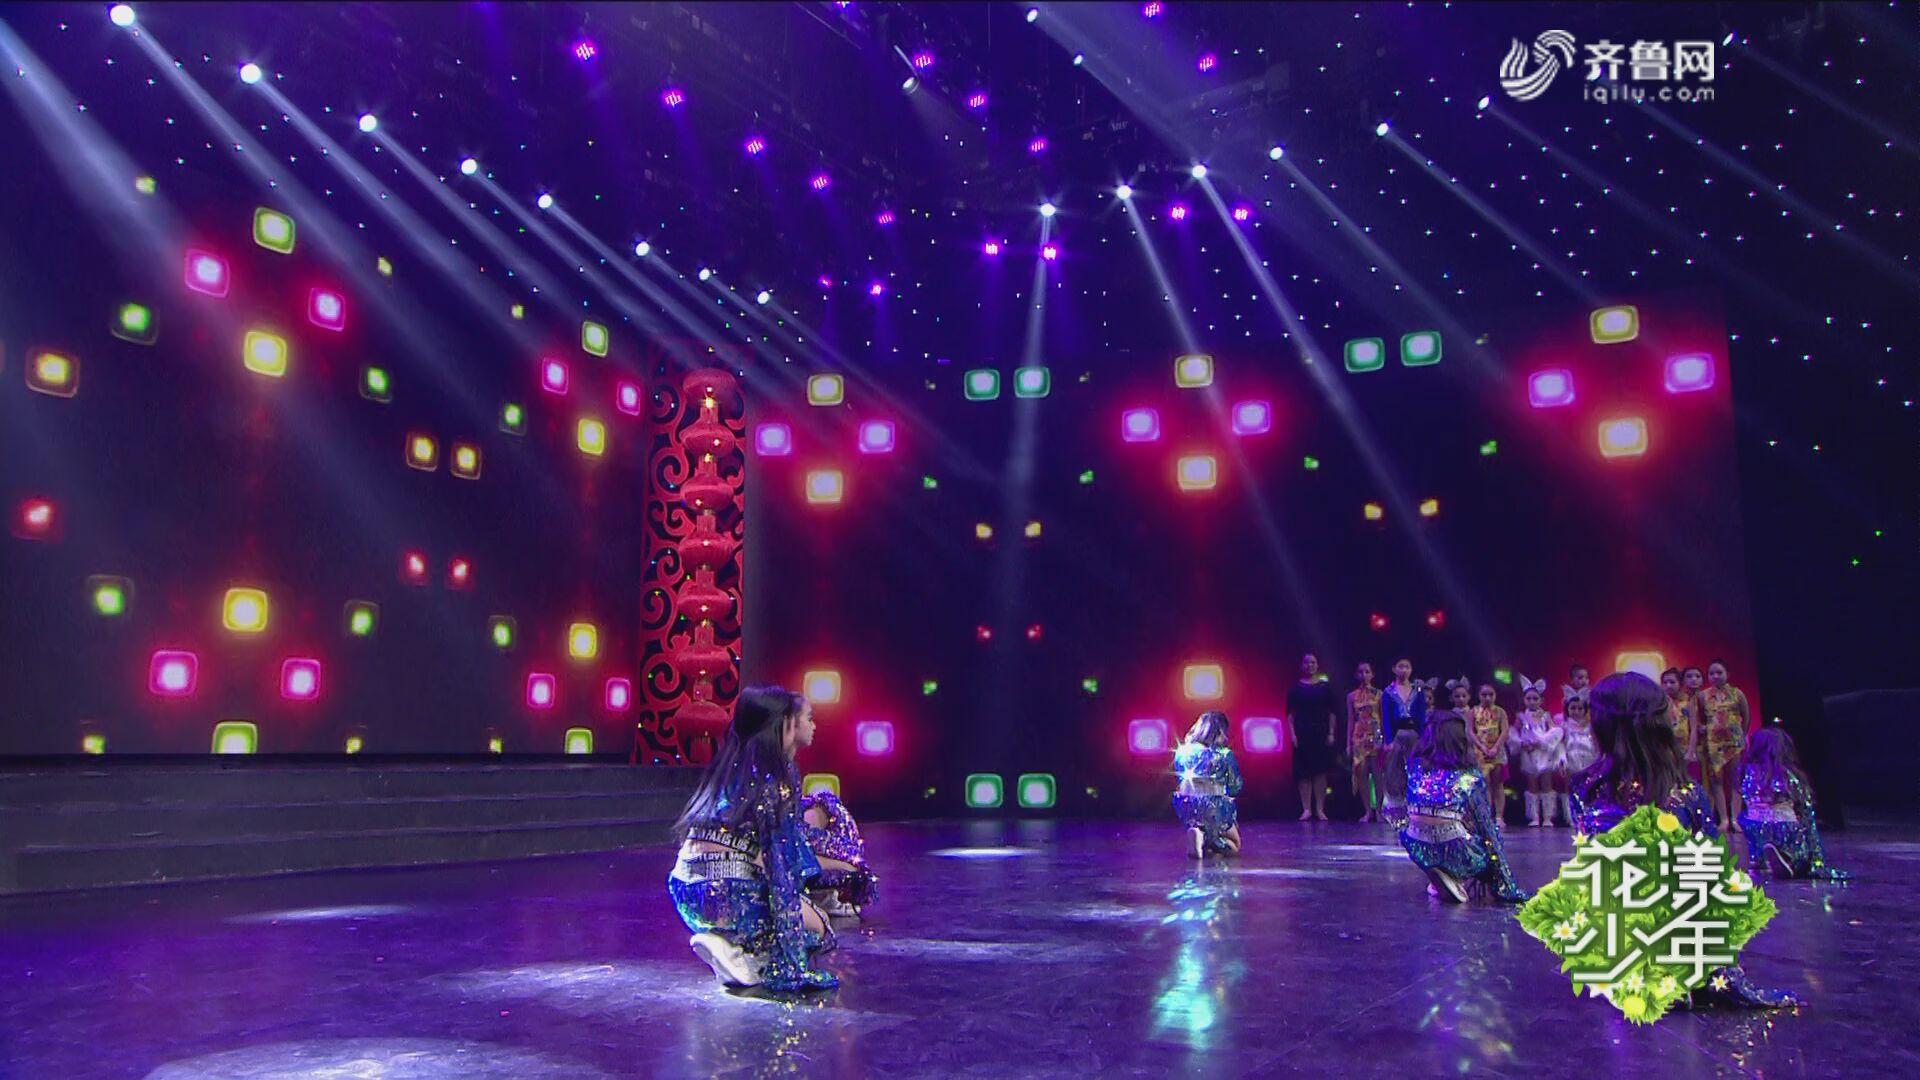 群舞《舞蹈串烧》——2019山东广播电视台少儿春节大联欢优秀节目展播